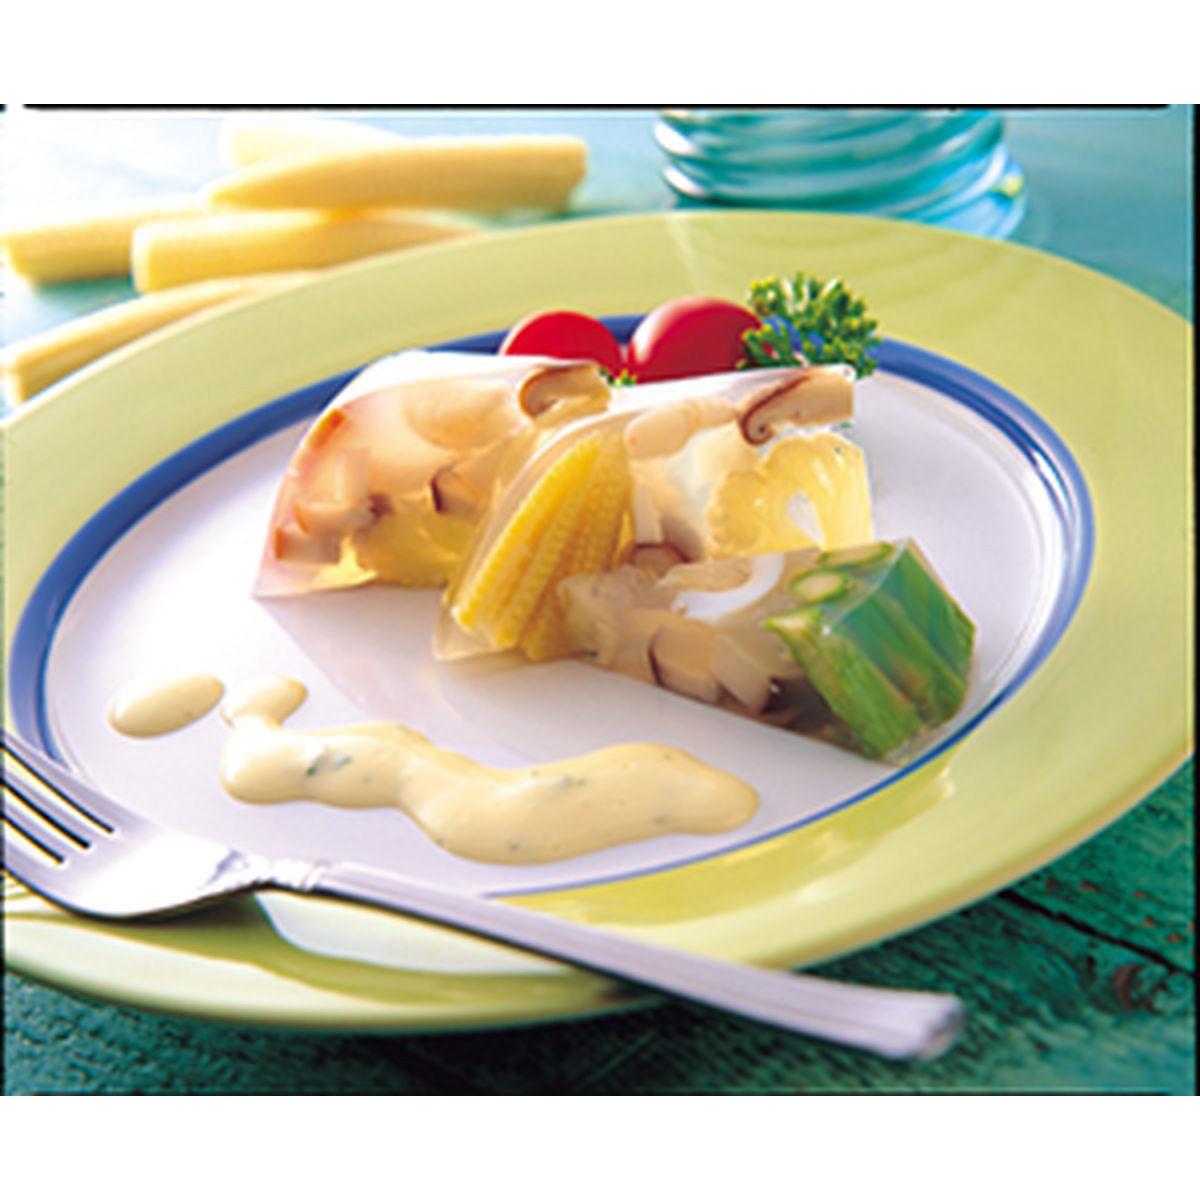 食譜:什錦蔬菜凍